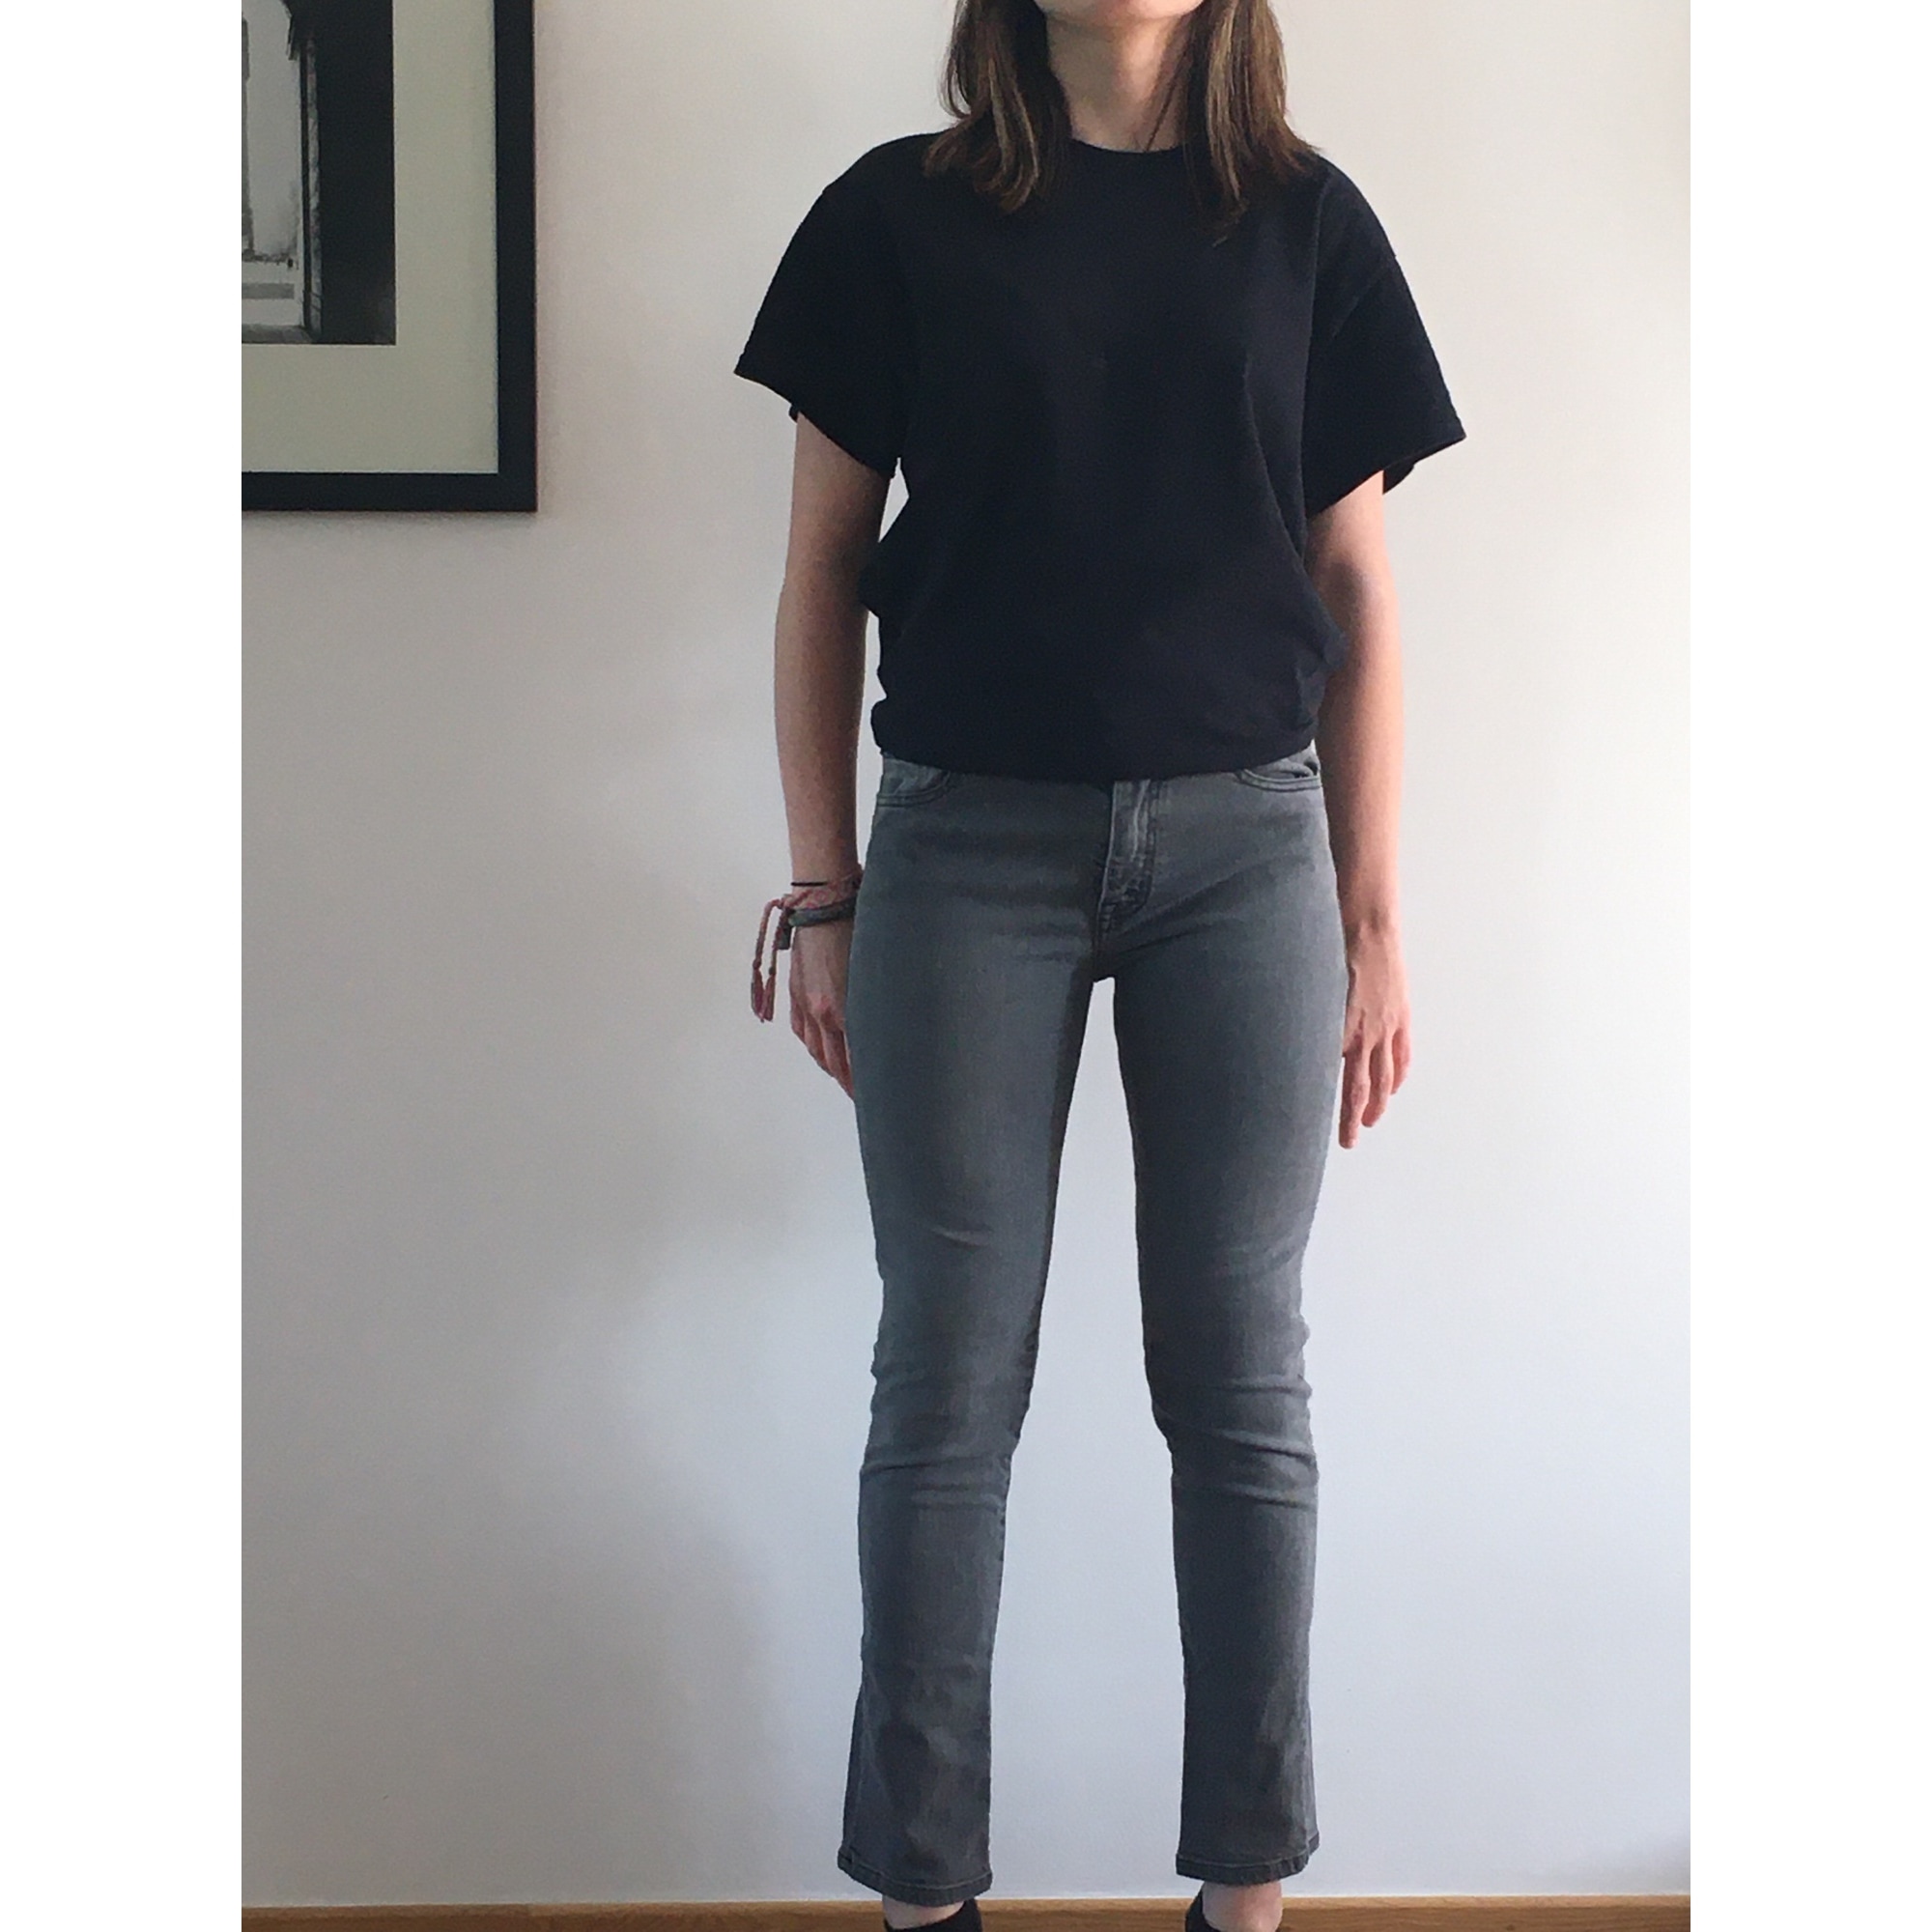 Jeans slim THE KOOPLES Gris foncé